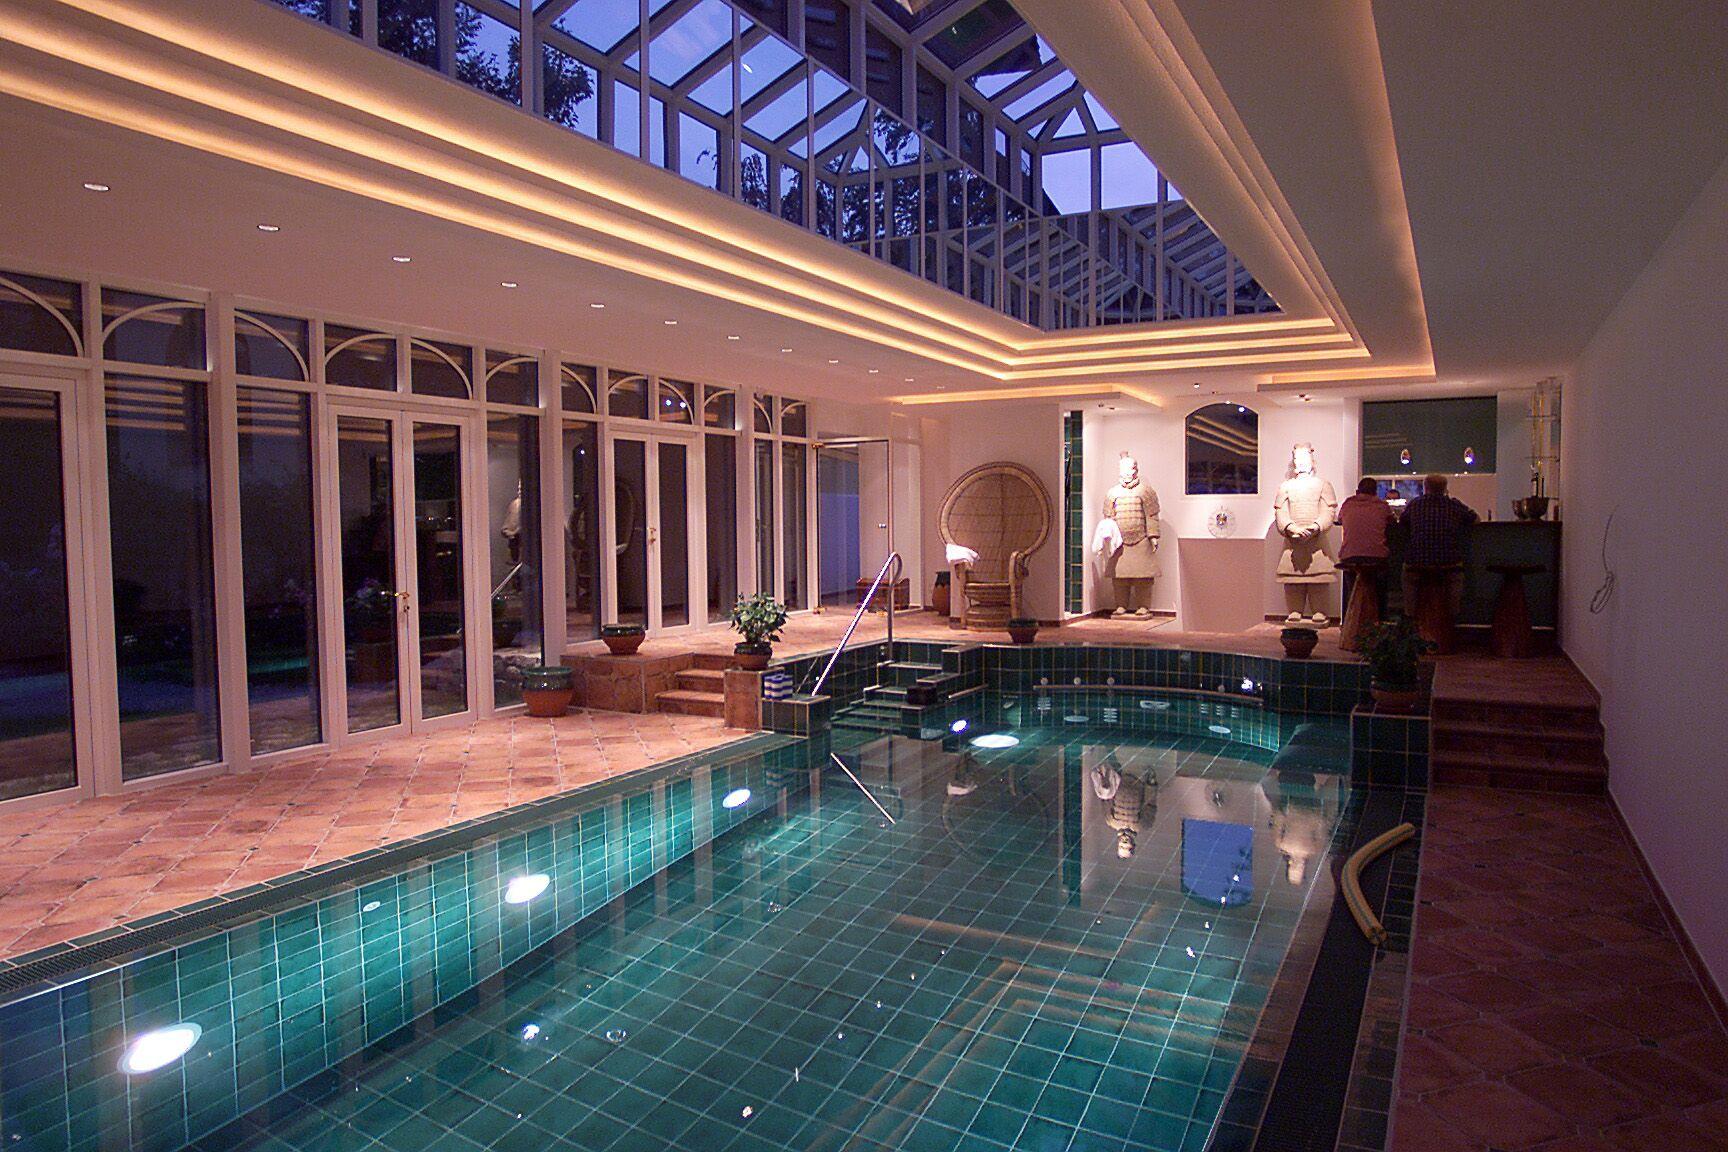 abdeckung fuer schwimmbecken | schwimmbadbau in remscheid, Innenarchitektur ideen